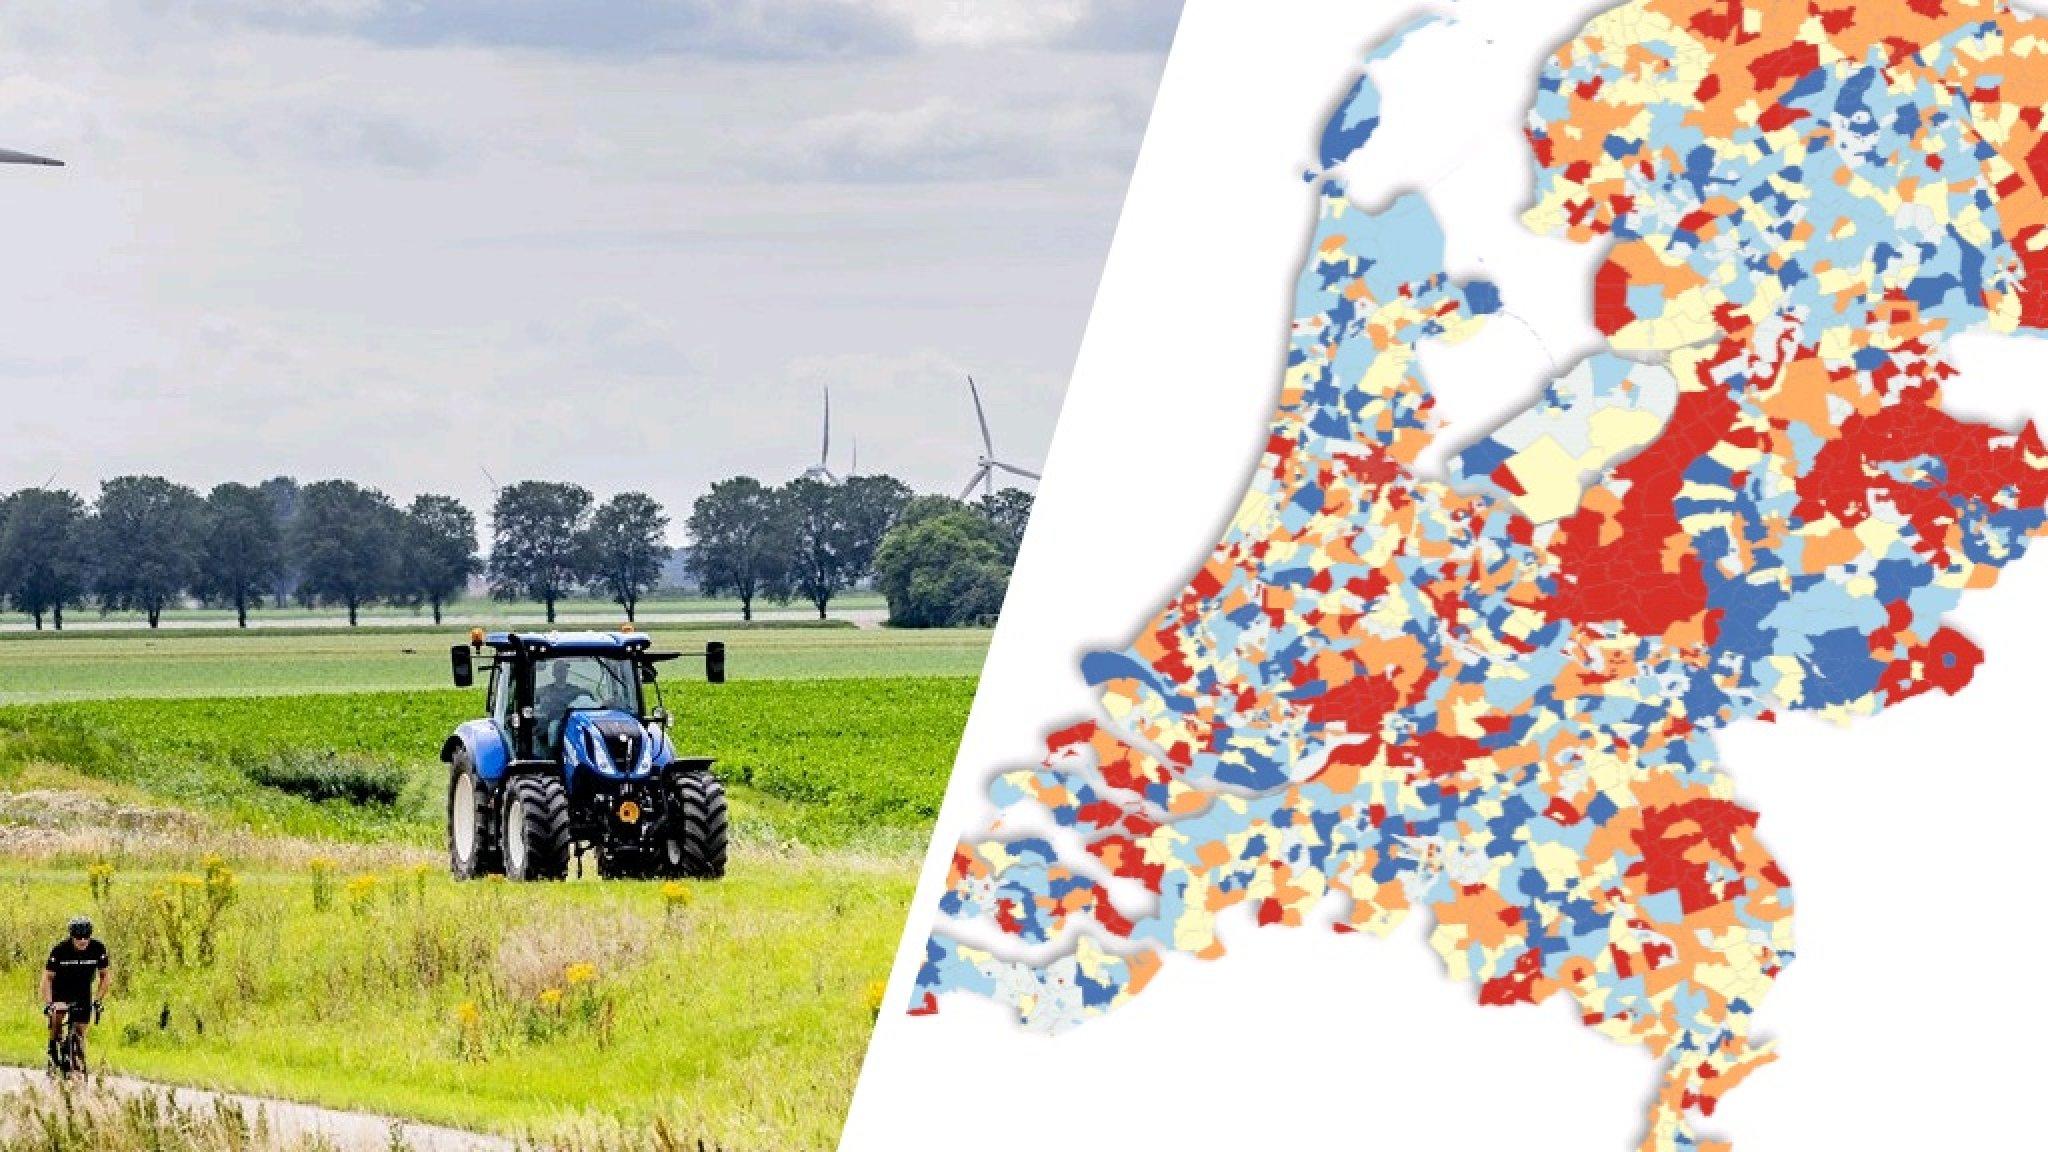 Stad en platteland stemmen steeds verschillender: 'Risico op onbestuurbaar land' - RTL Nieuws